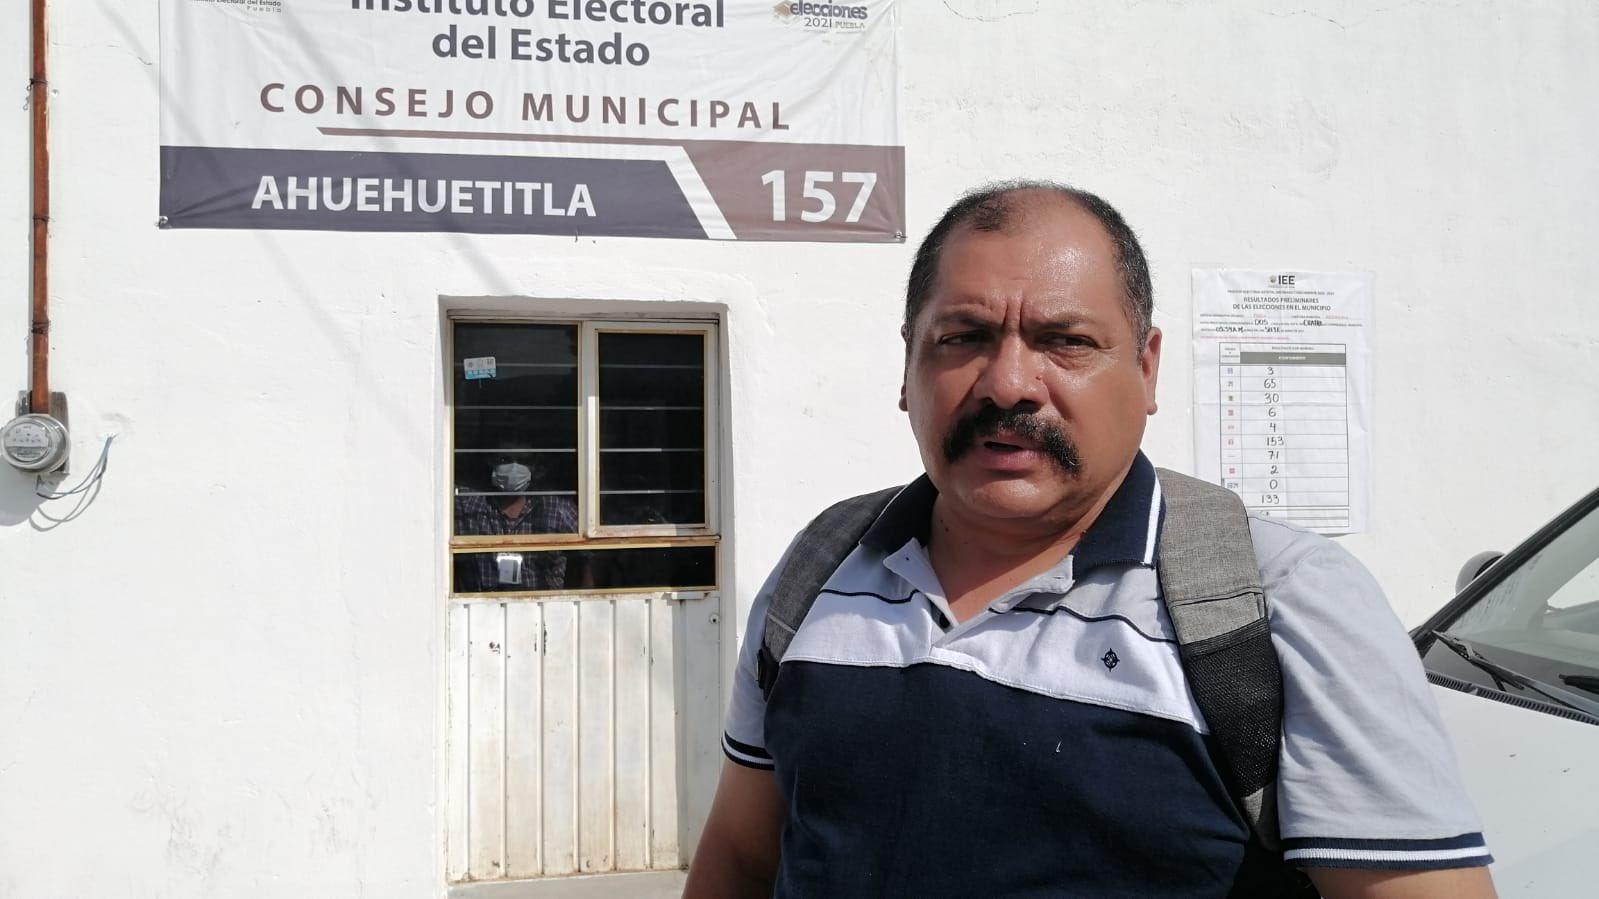 Alcaldía de Ahuehuetitla se definirá en el TEPJF tras triunfo de ciudadano no registrado